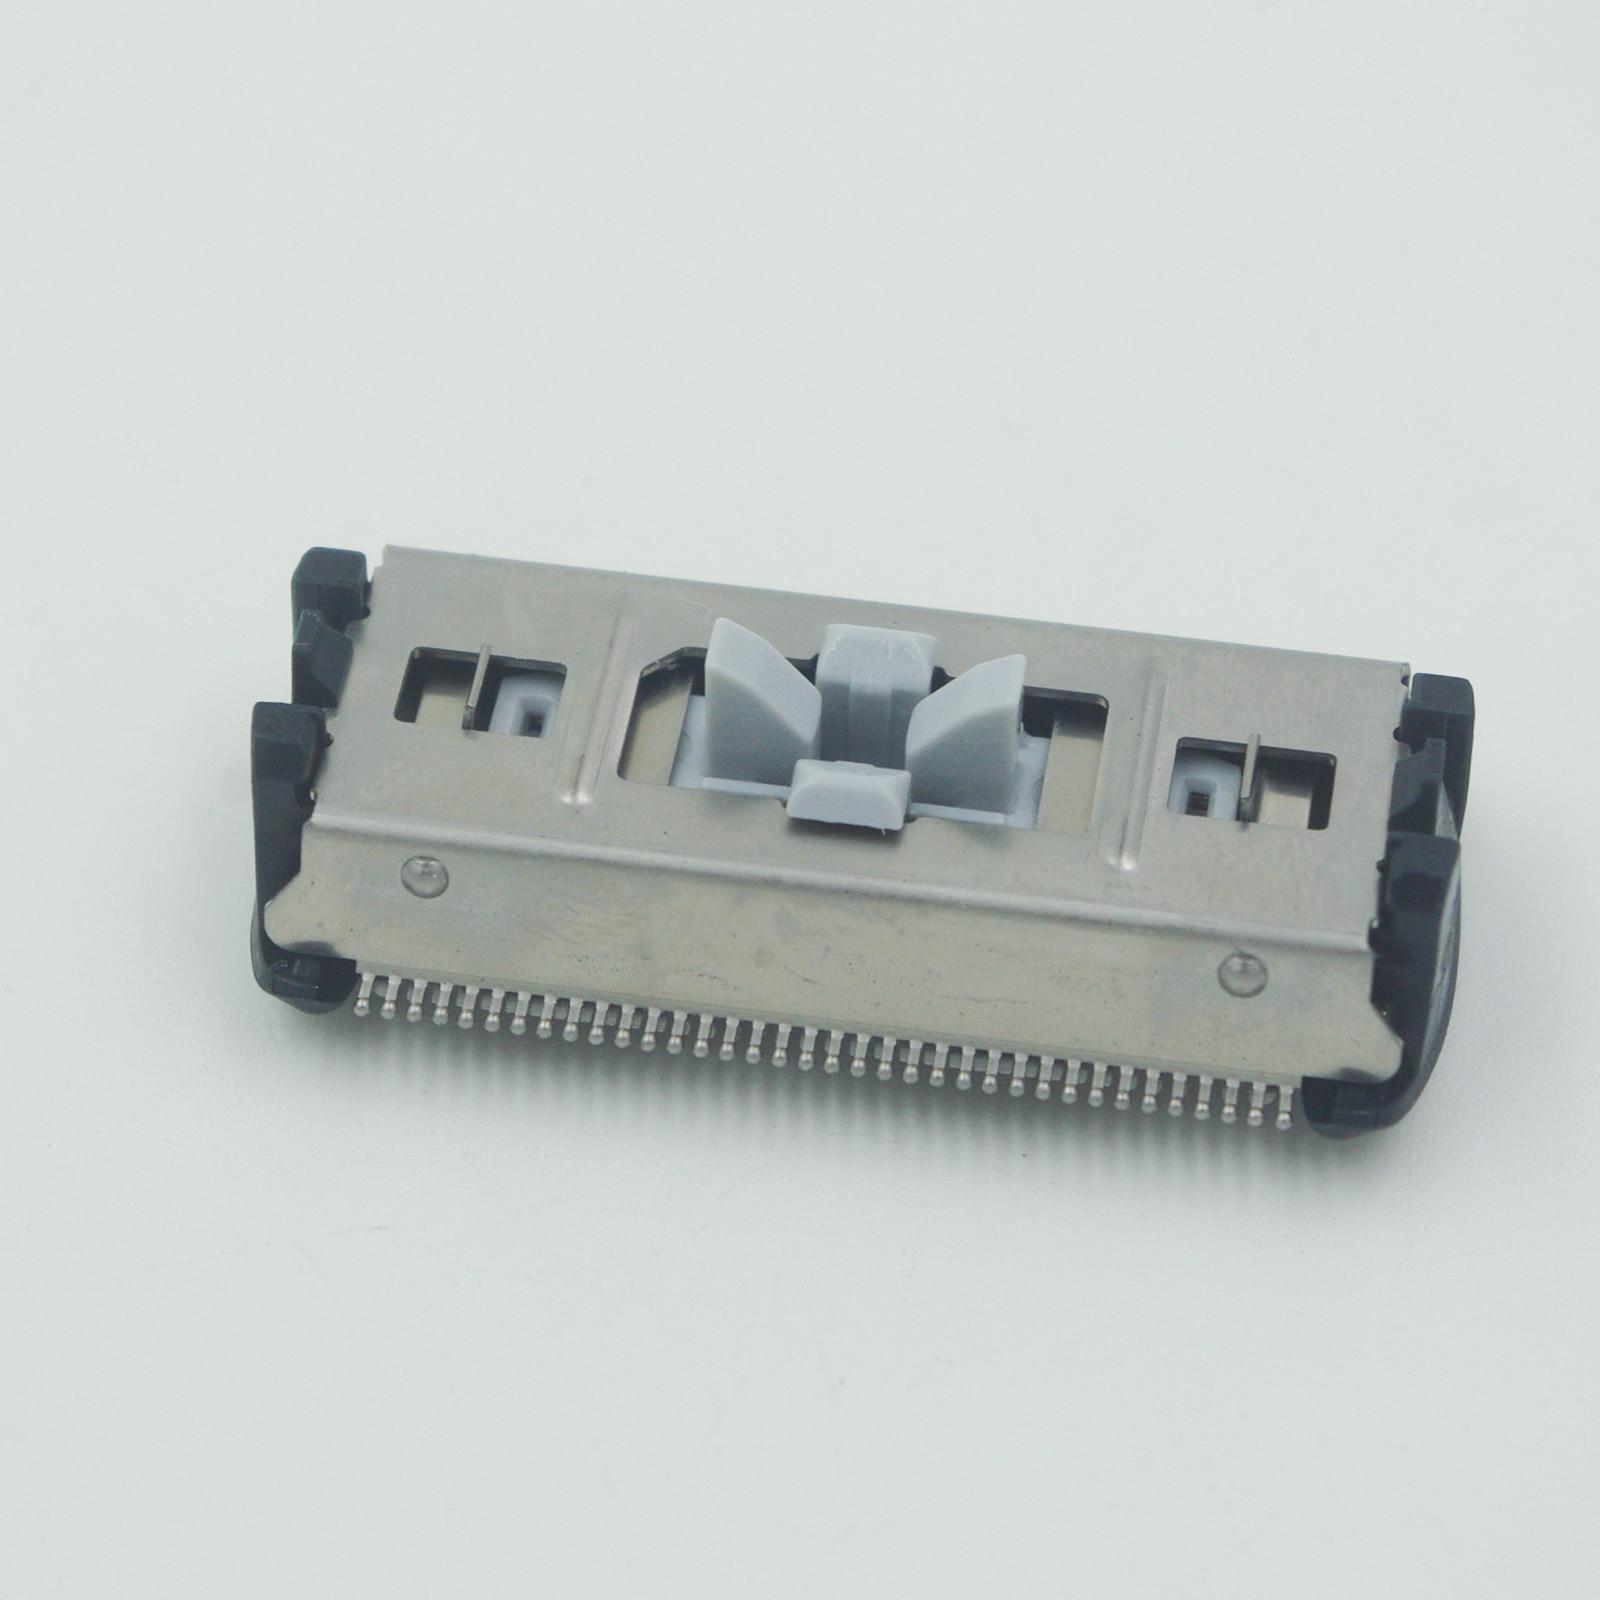 New Trimmer/Shaver Foil Heads For Philips Norelco Bodygroom XA2029 XA525 YS522 YS524 YS534 TT2021 TT2022 TT2030 TT2039 TT2040